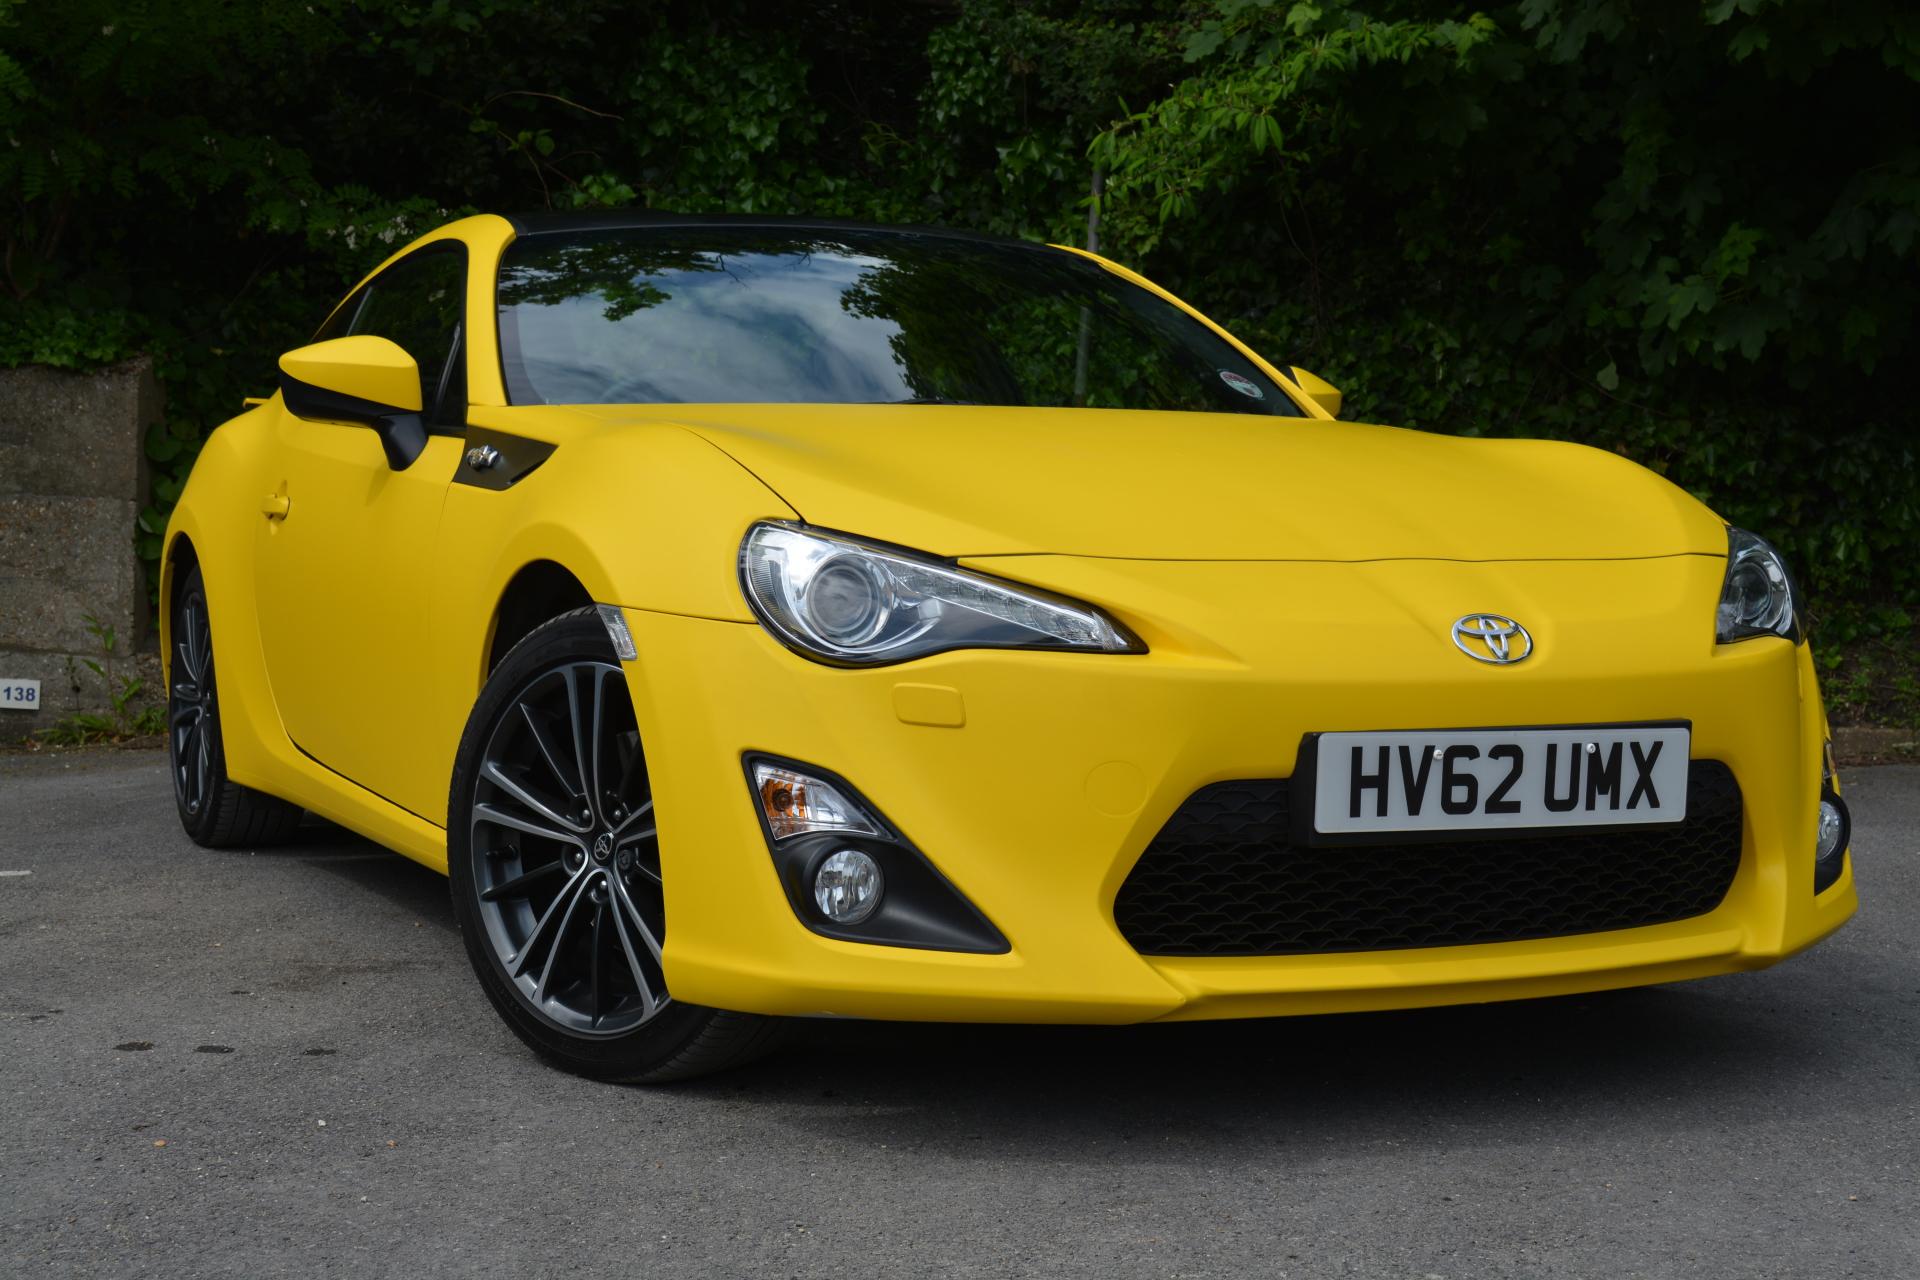 3M Matte yellow car wrap colour